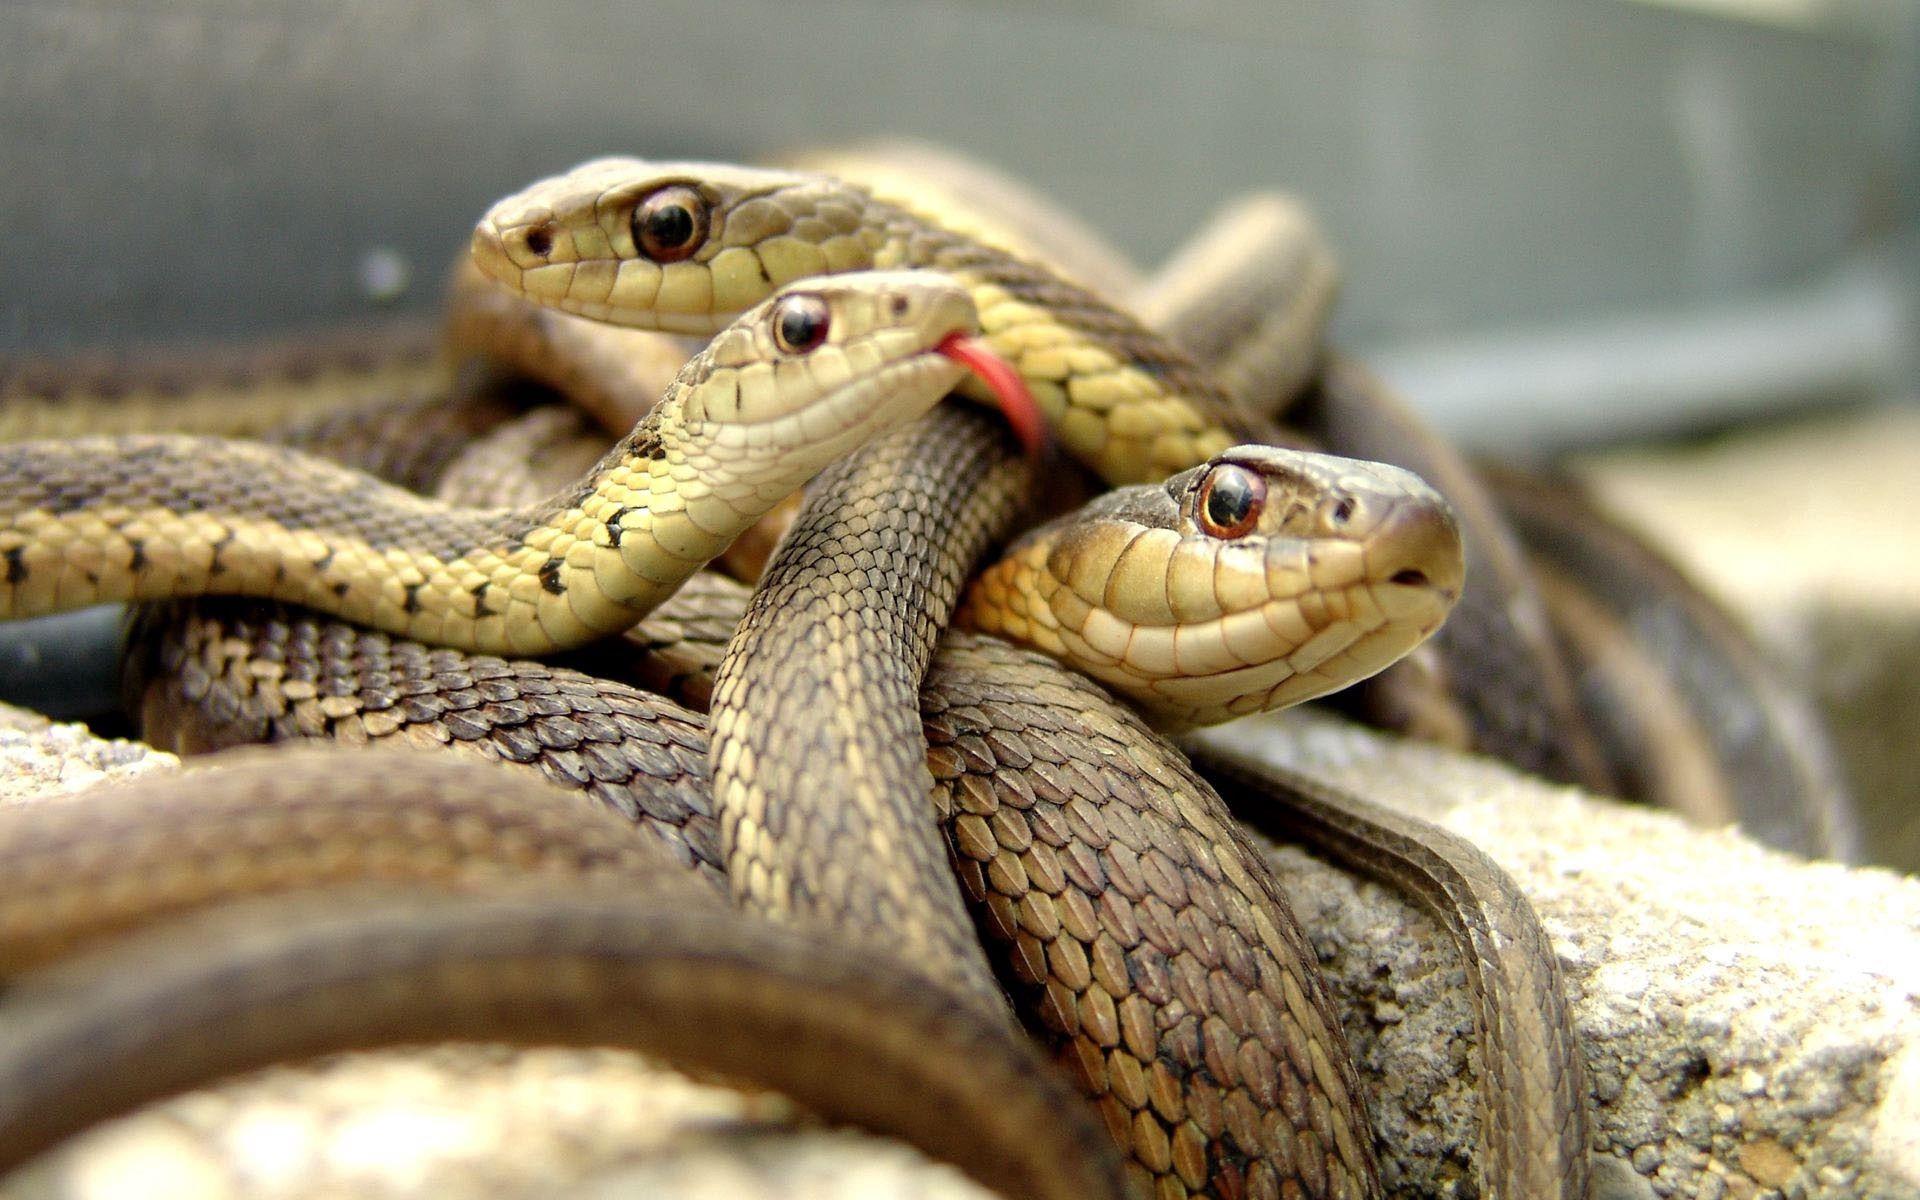 110115 скачать обои Змеи, Животные, Пресмыкающееся, Множество - заставки и картинки бесплатно